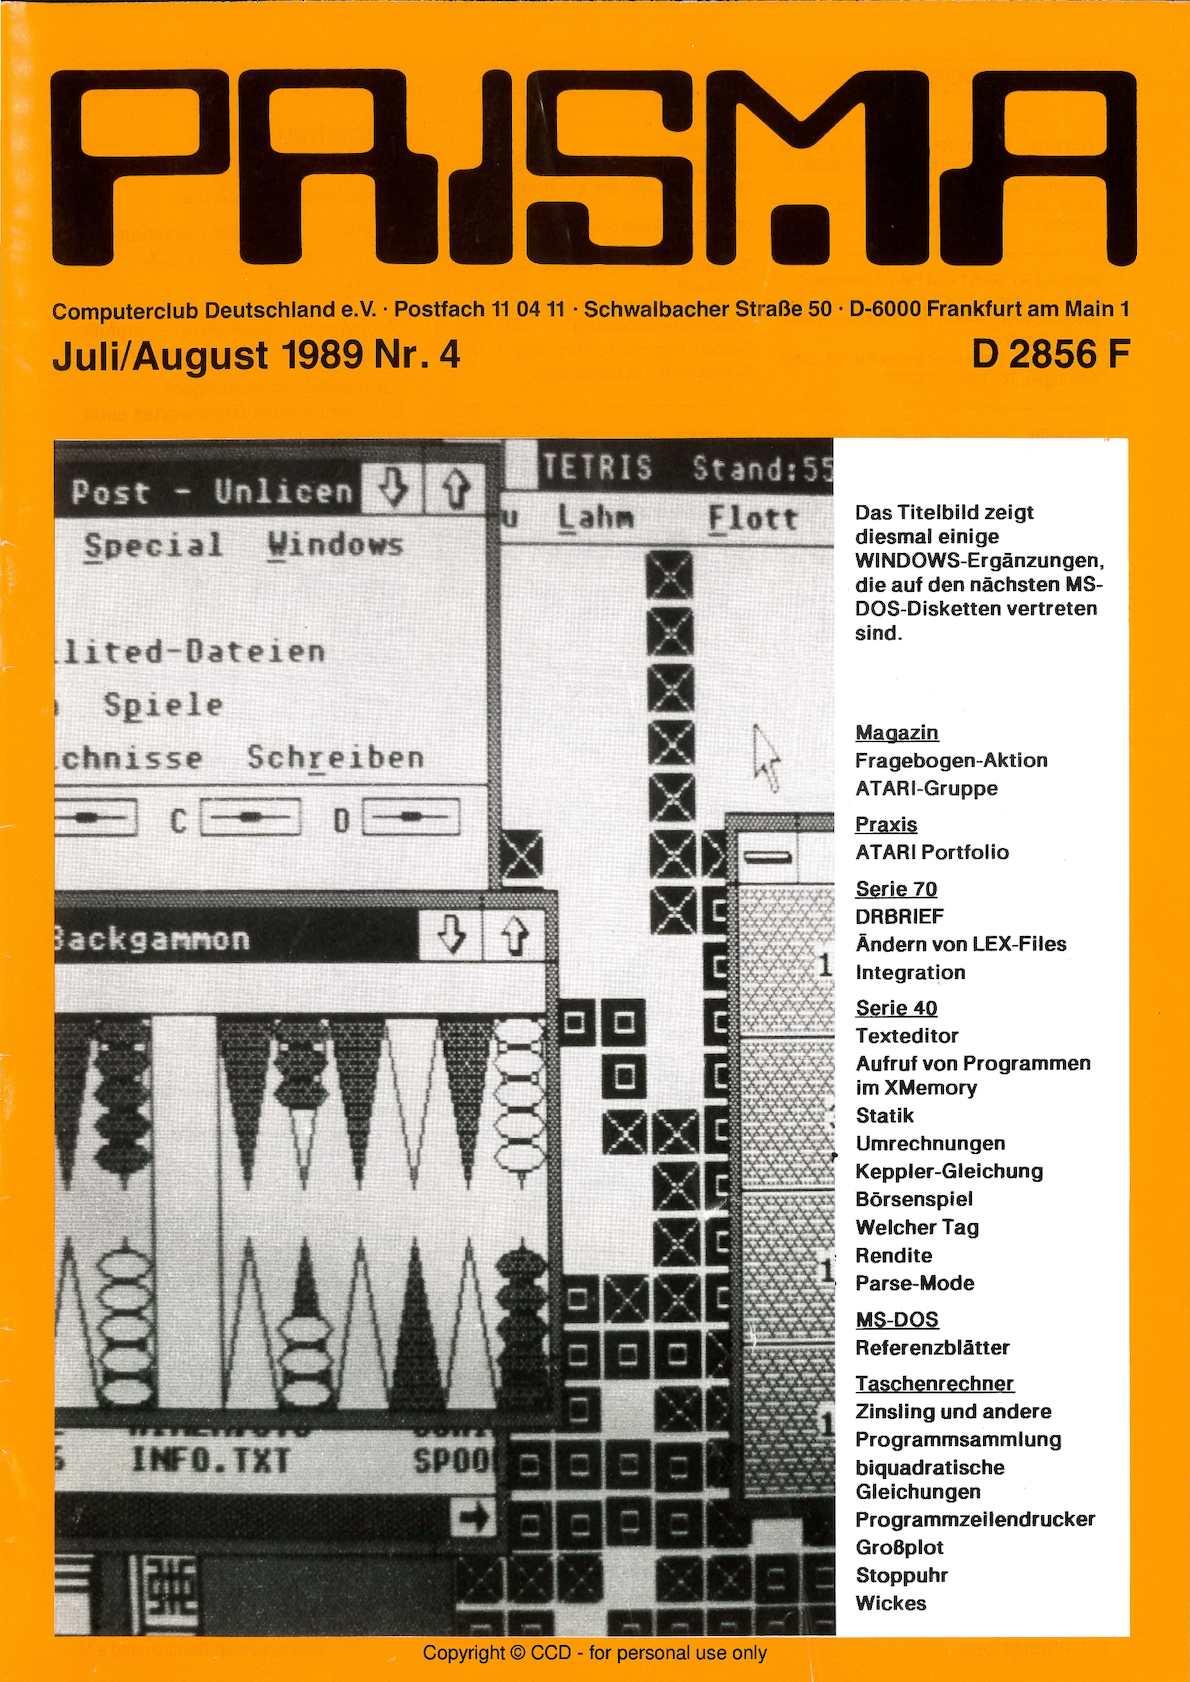 Calaméo - Prisma 1989 Nr 4